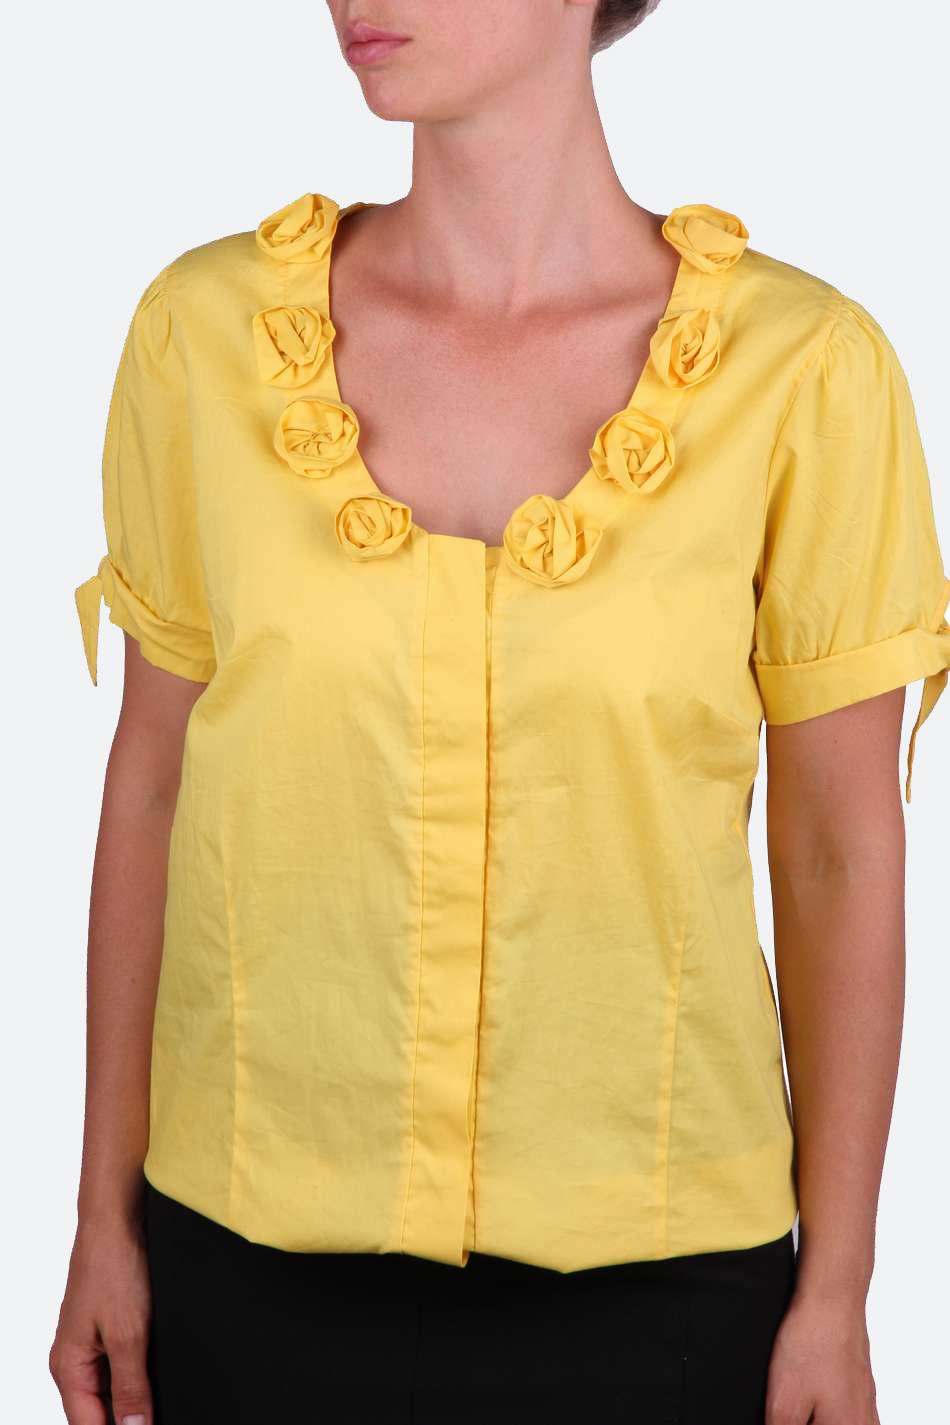 Купить Желтую Блузку В Красноярске